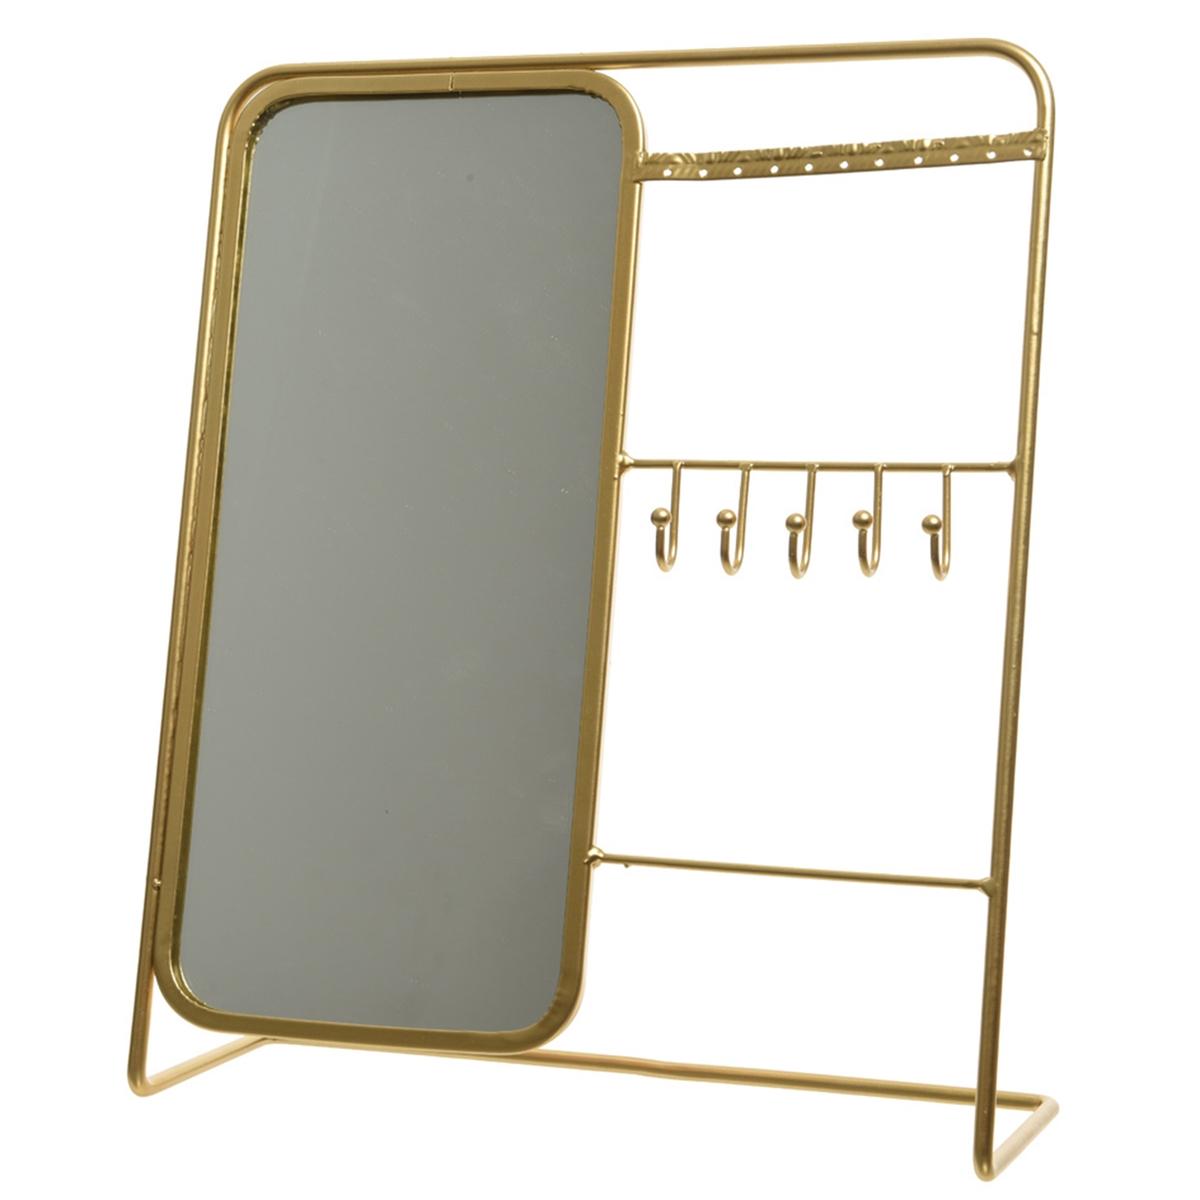 Specchio porta gioielli MIOULIBA